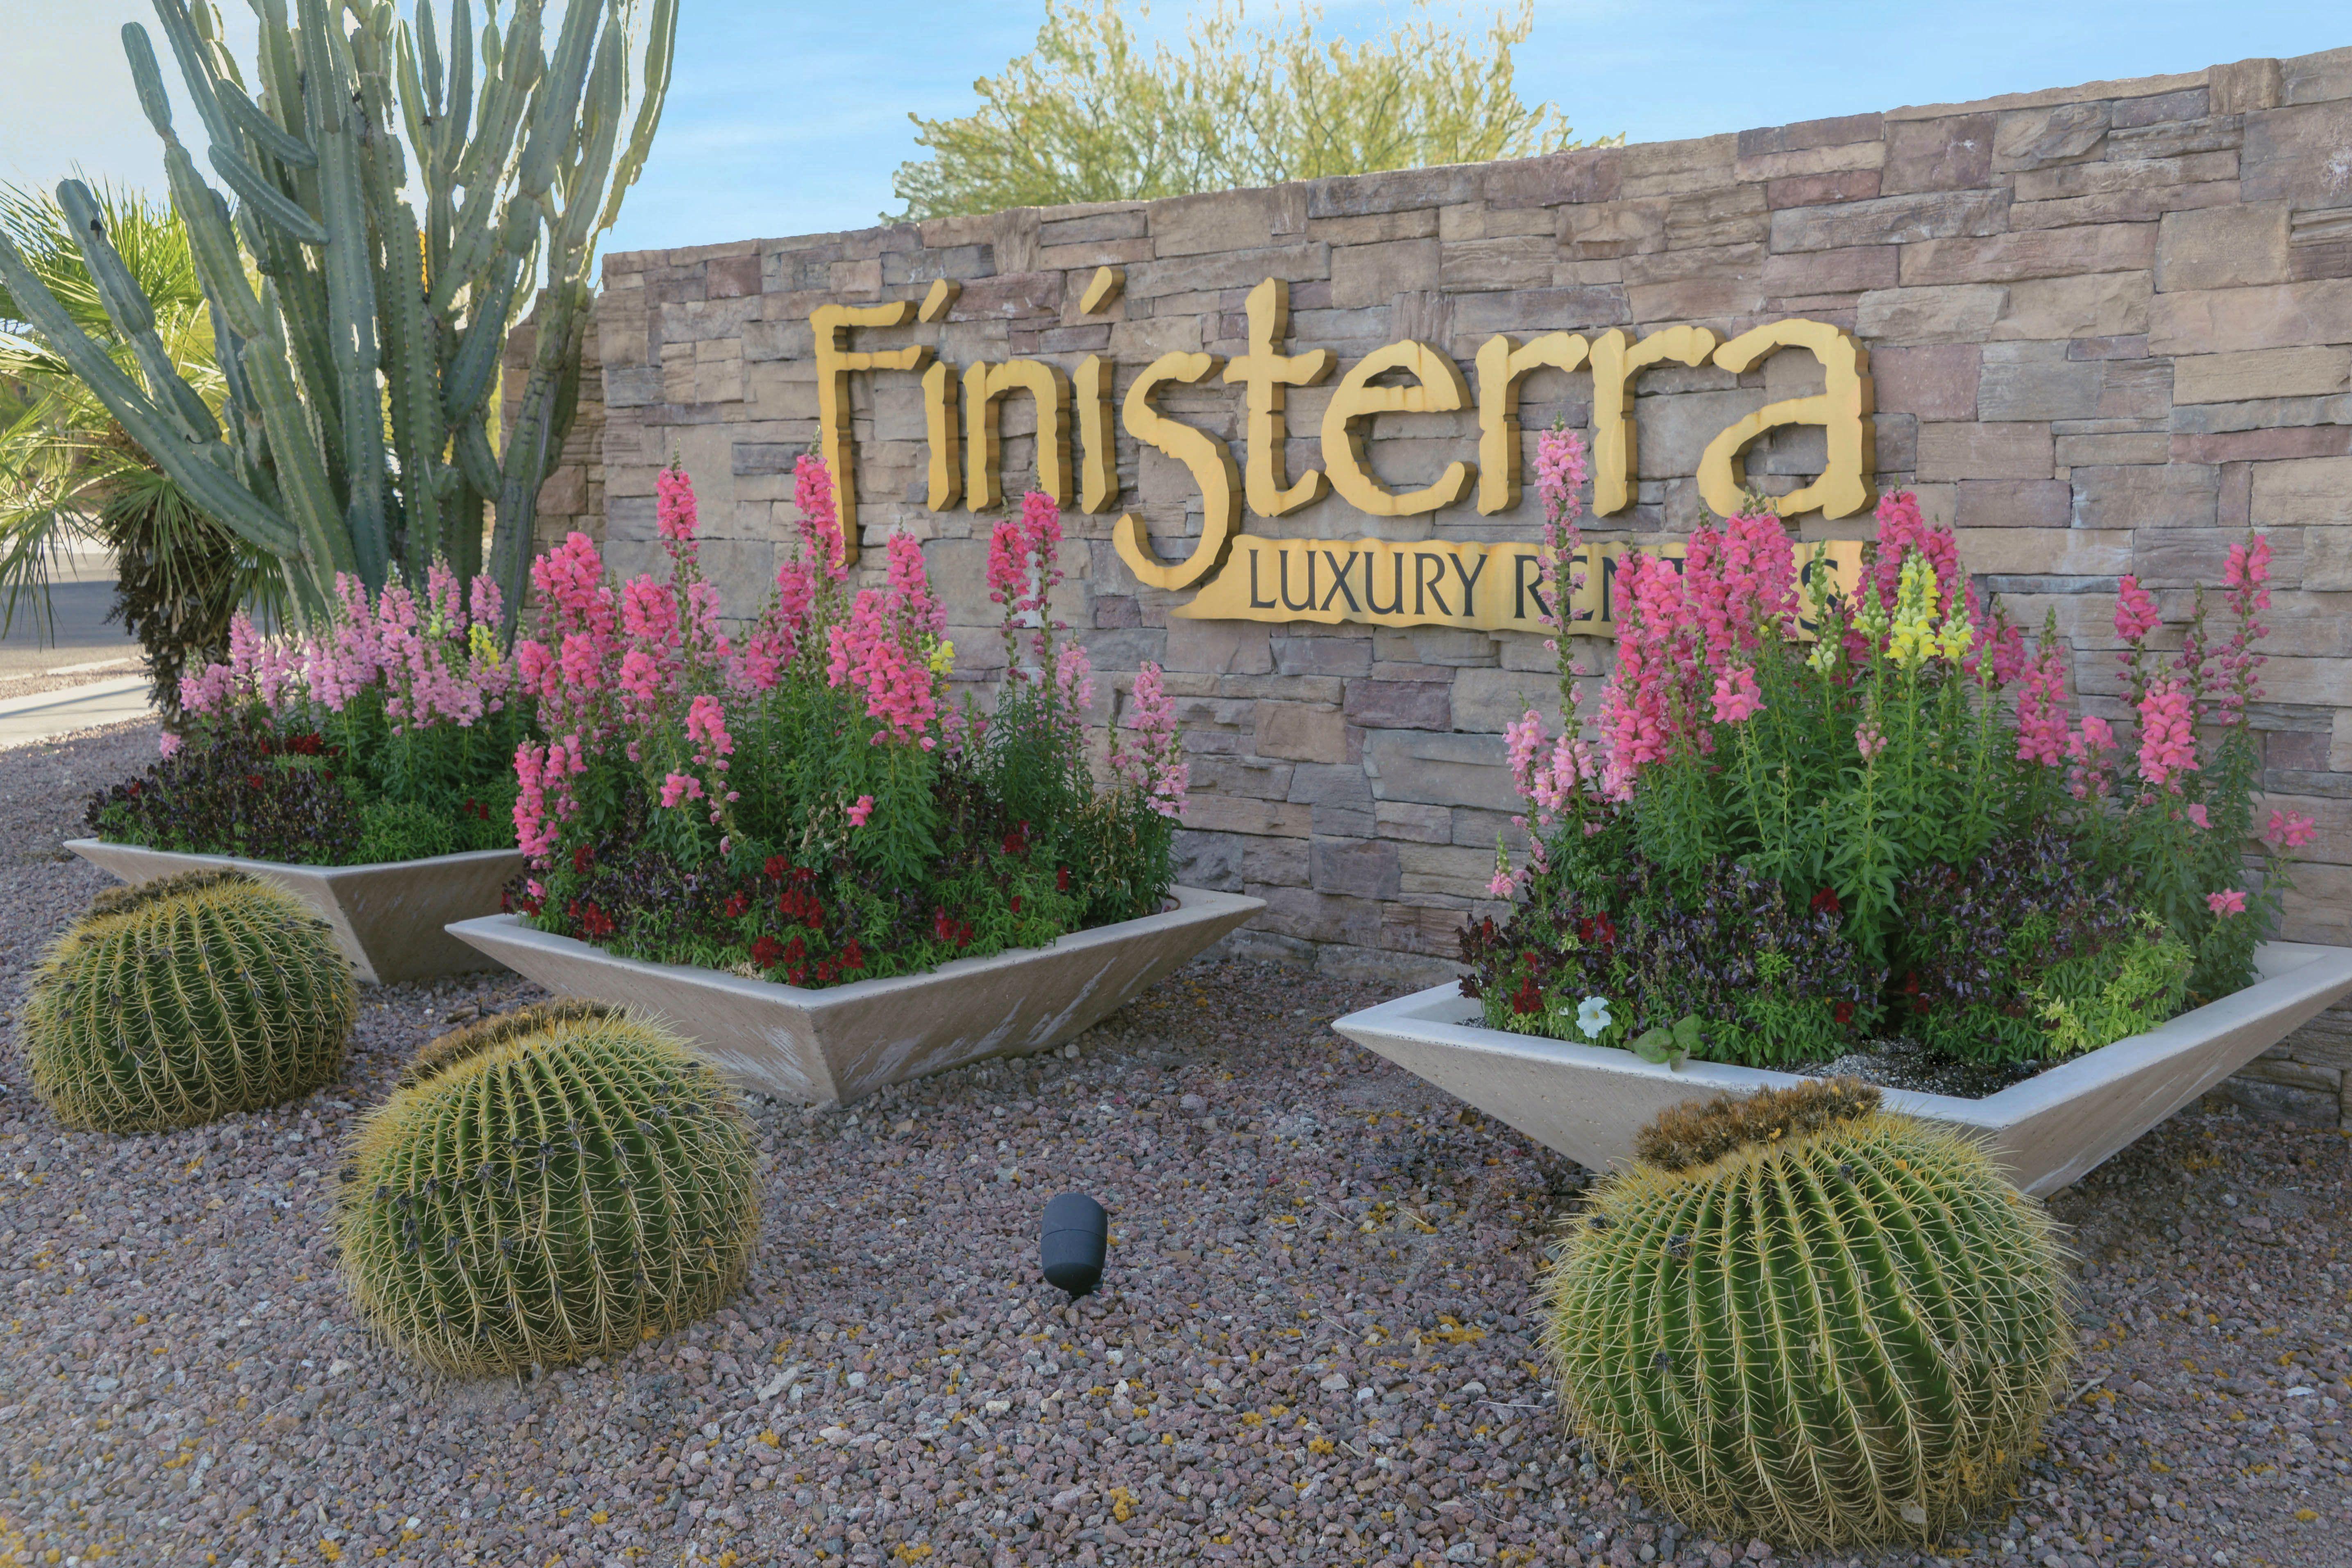 Pin on Tucson, AZ Finisterra Luxury Apartments